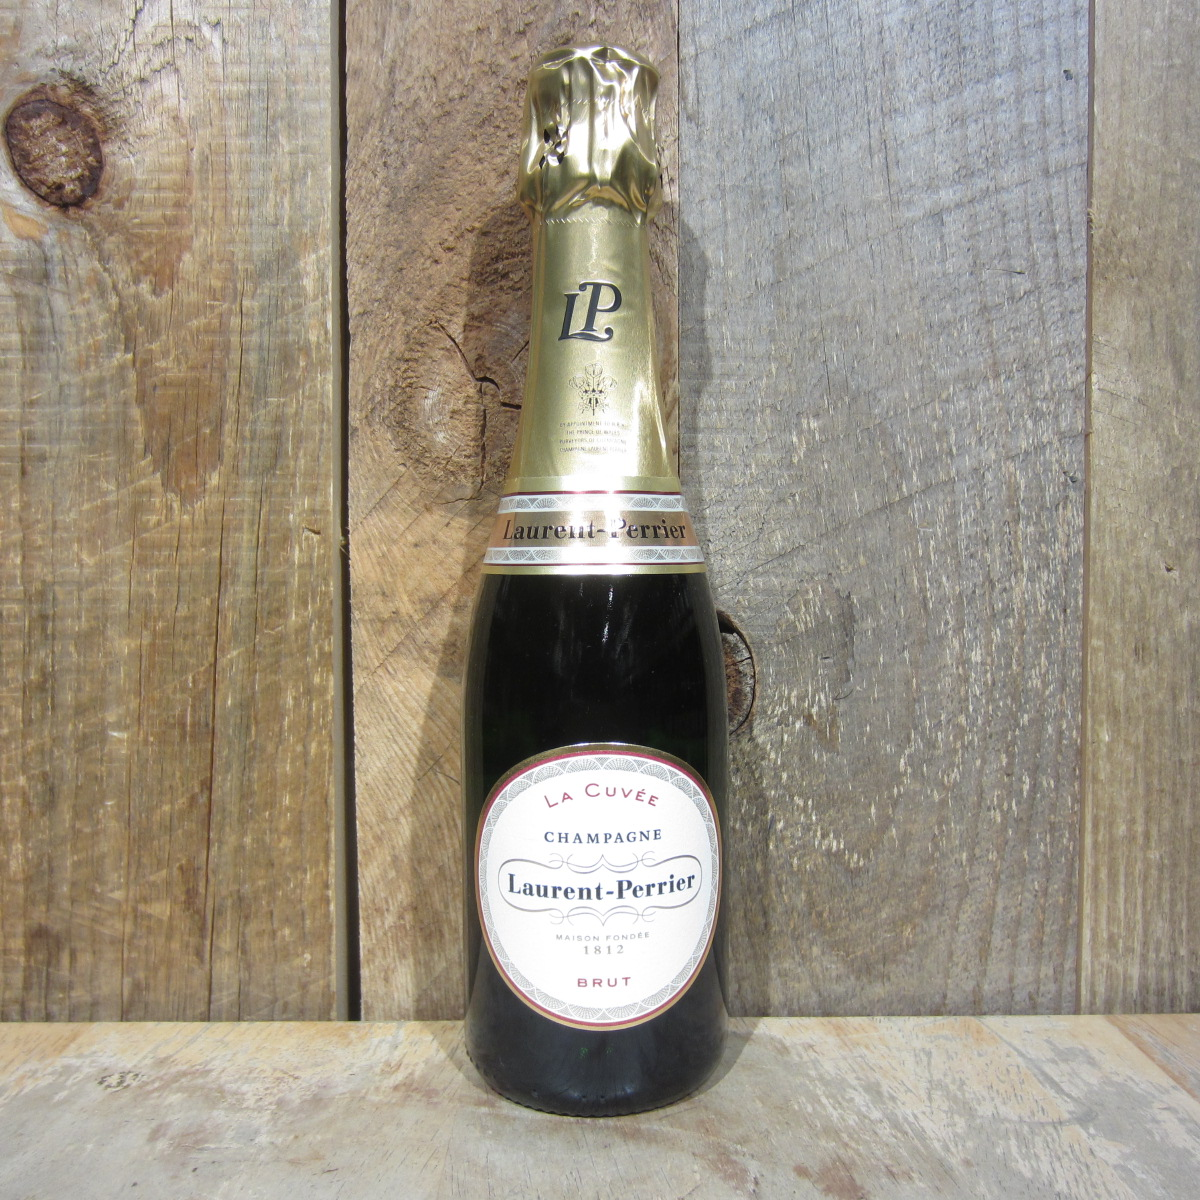 Laurent Perrier Brut Champagne 375ml (Half Size Btl)